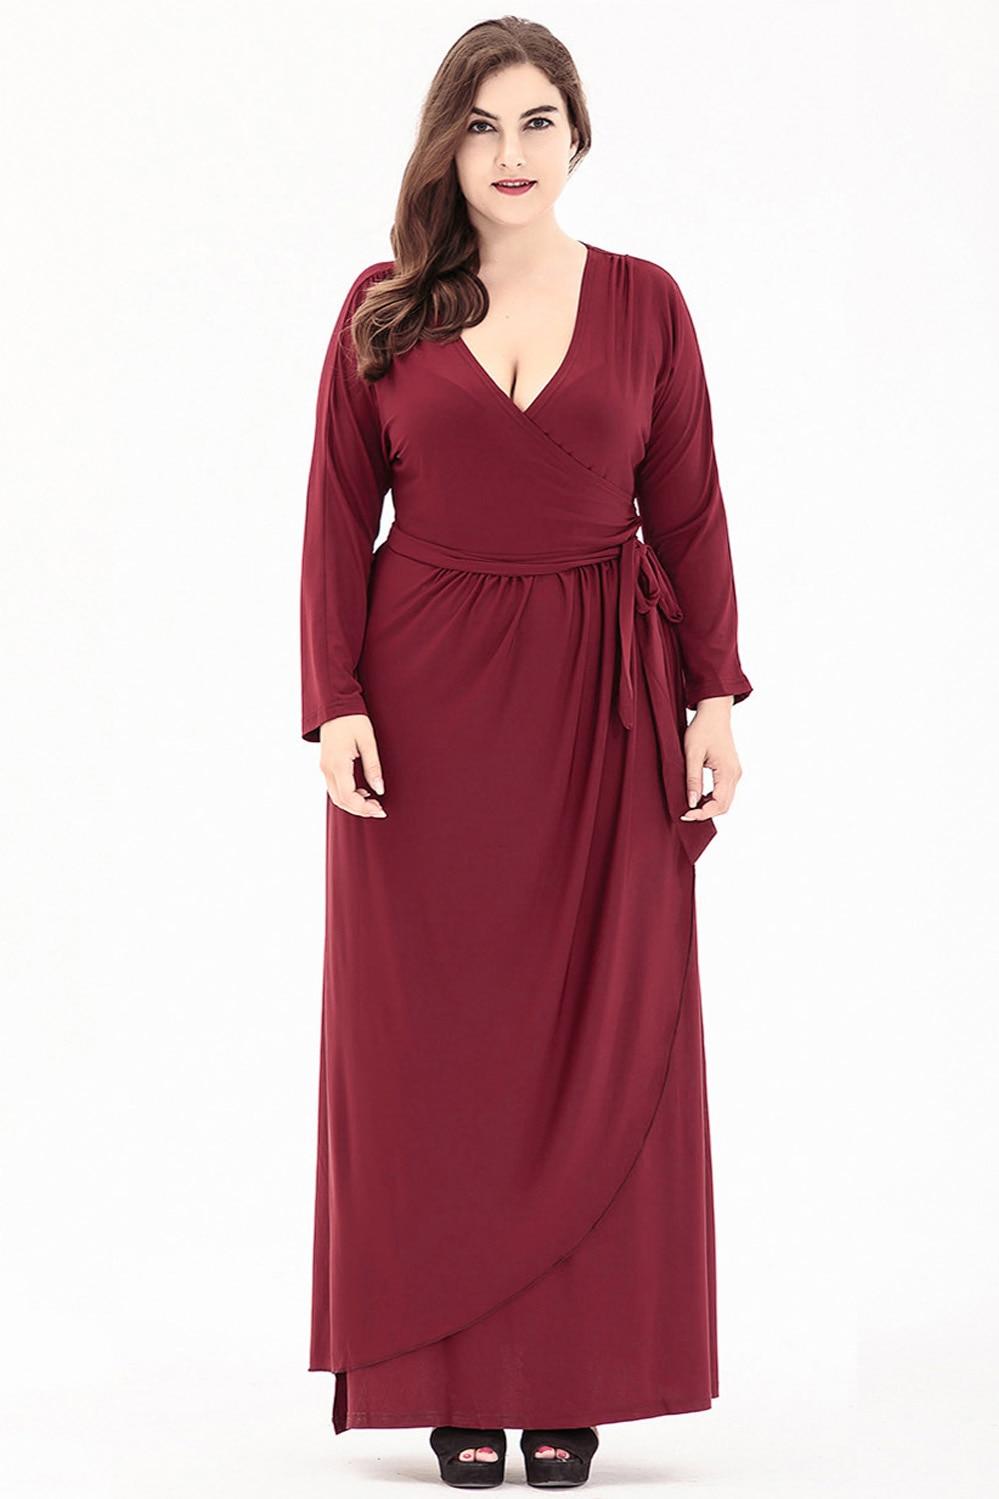 Il Grandi Abiti Profondo Più Vestito Allentate Di Donne Vintage red Maxi Casual 6xl Black Femme Robe Dimensioni Formato Solidi v Dress pSSqgd